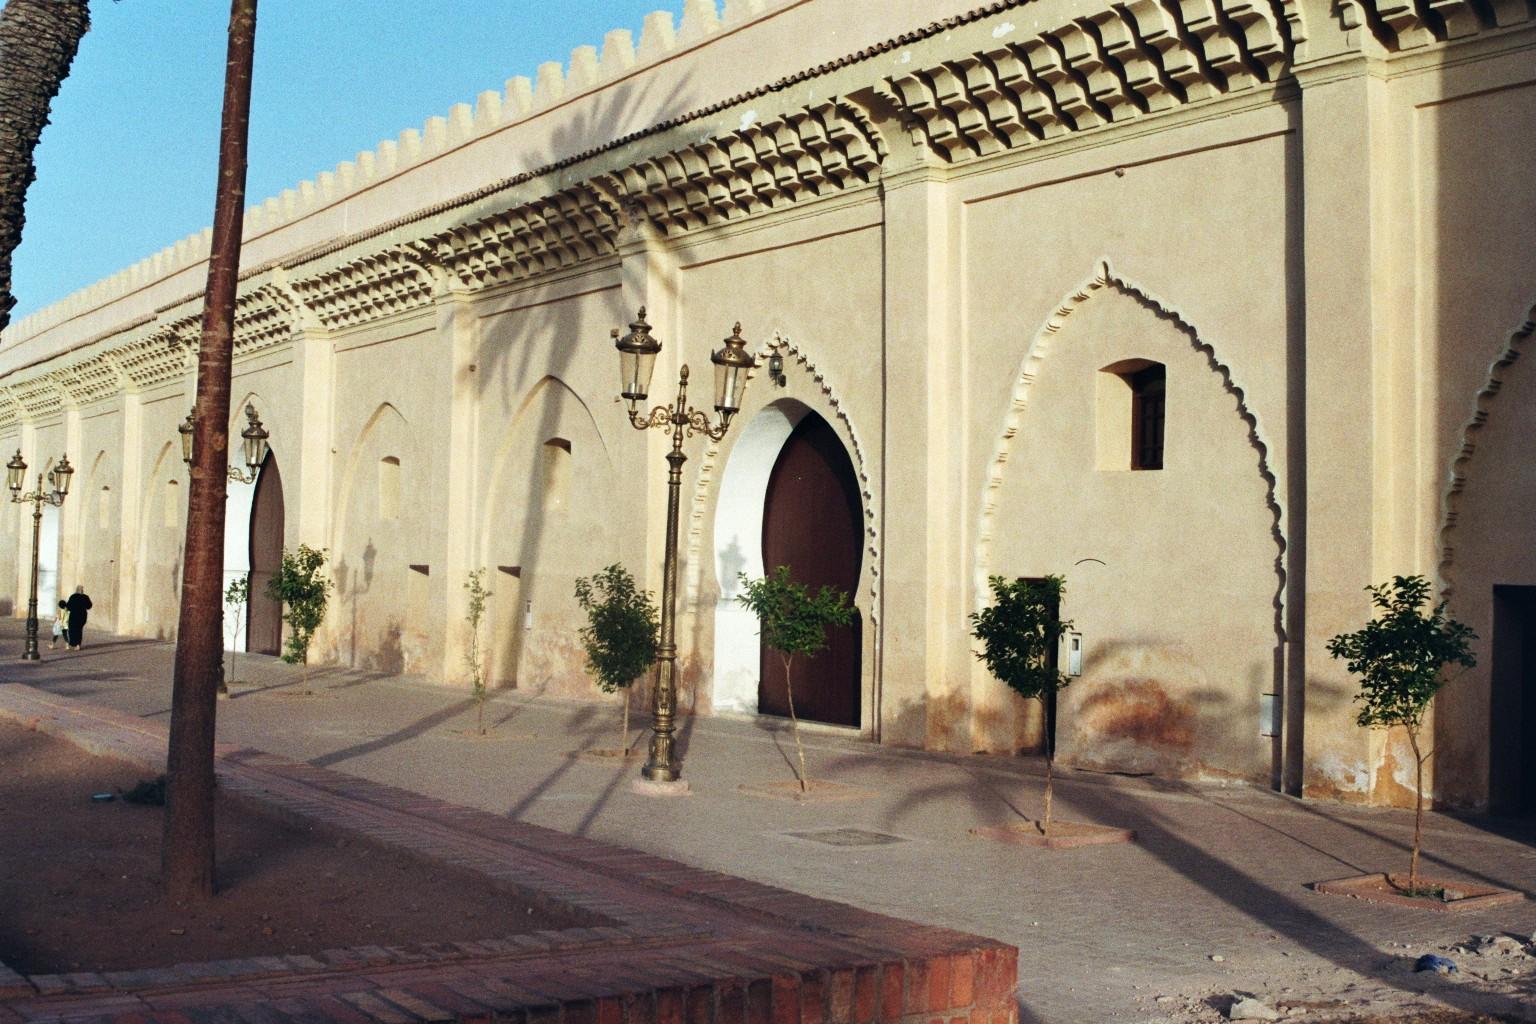 Stadtmauer in Marrakesch